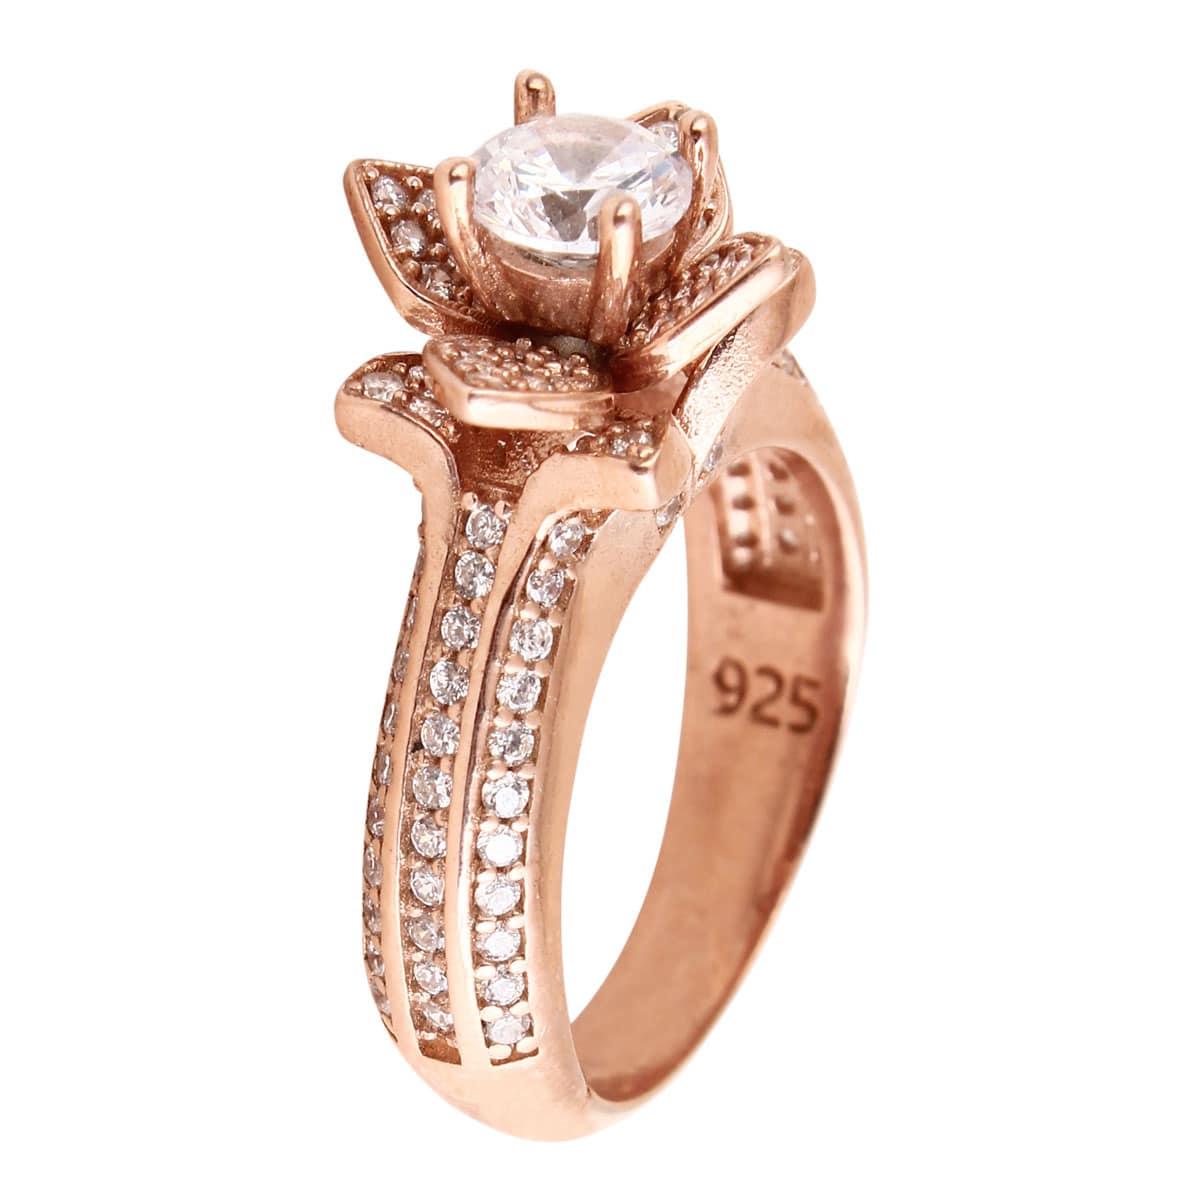 خرید انگشتر نقره زنانه نگین دار مدل رخسانا